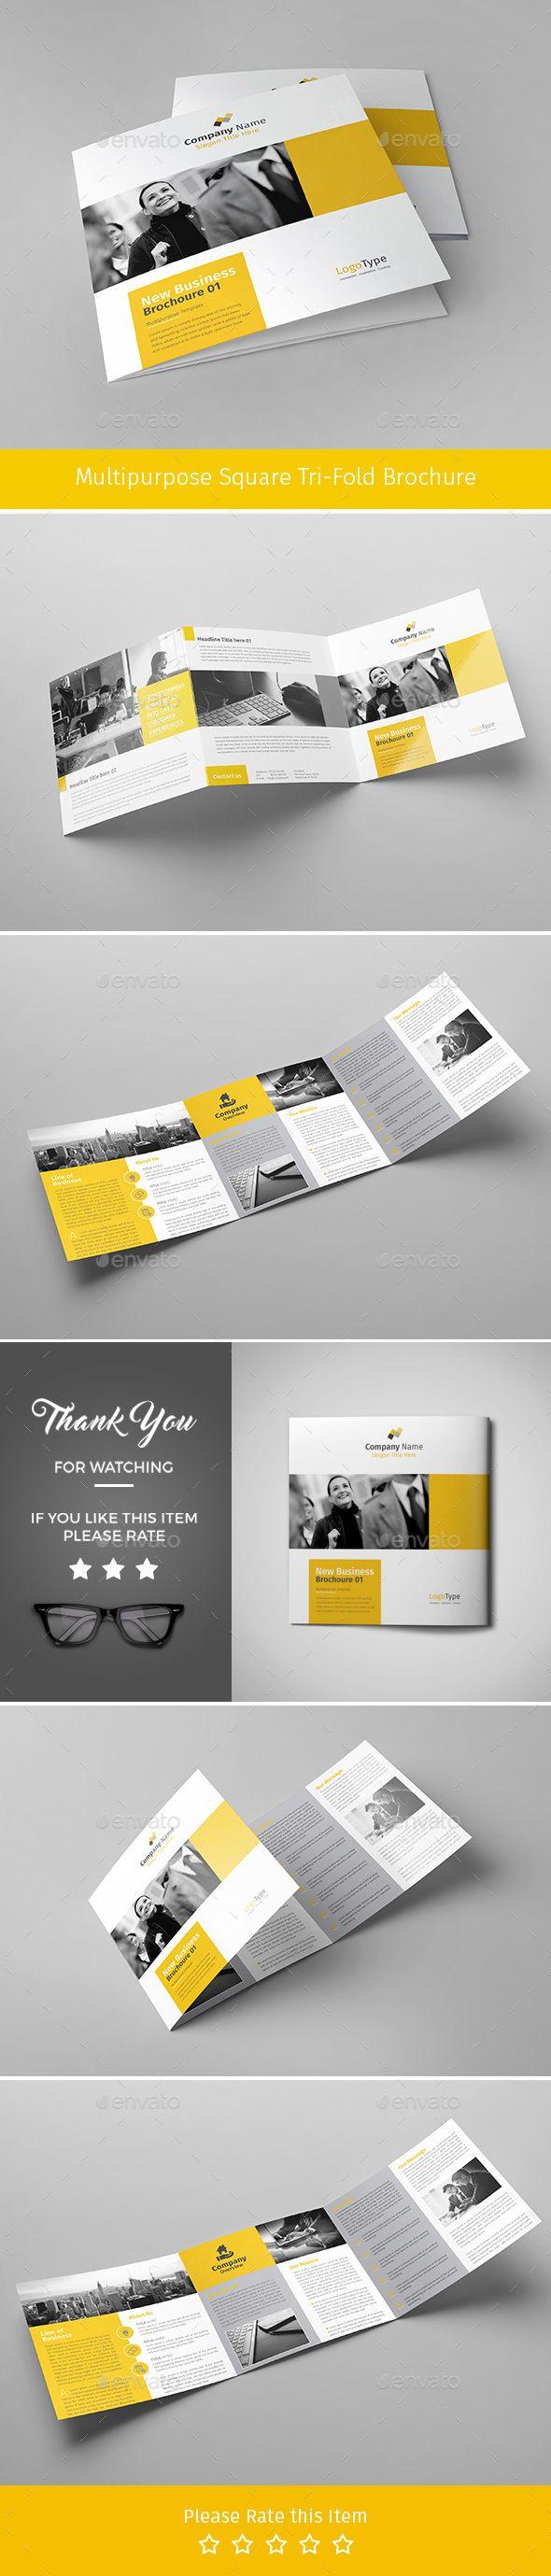 Corporate Tri-fold Square Brochure 02